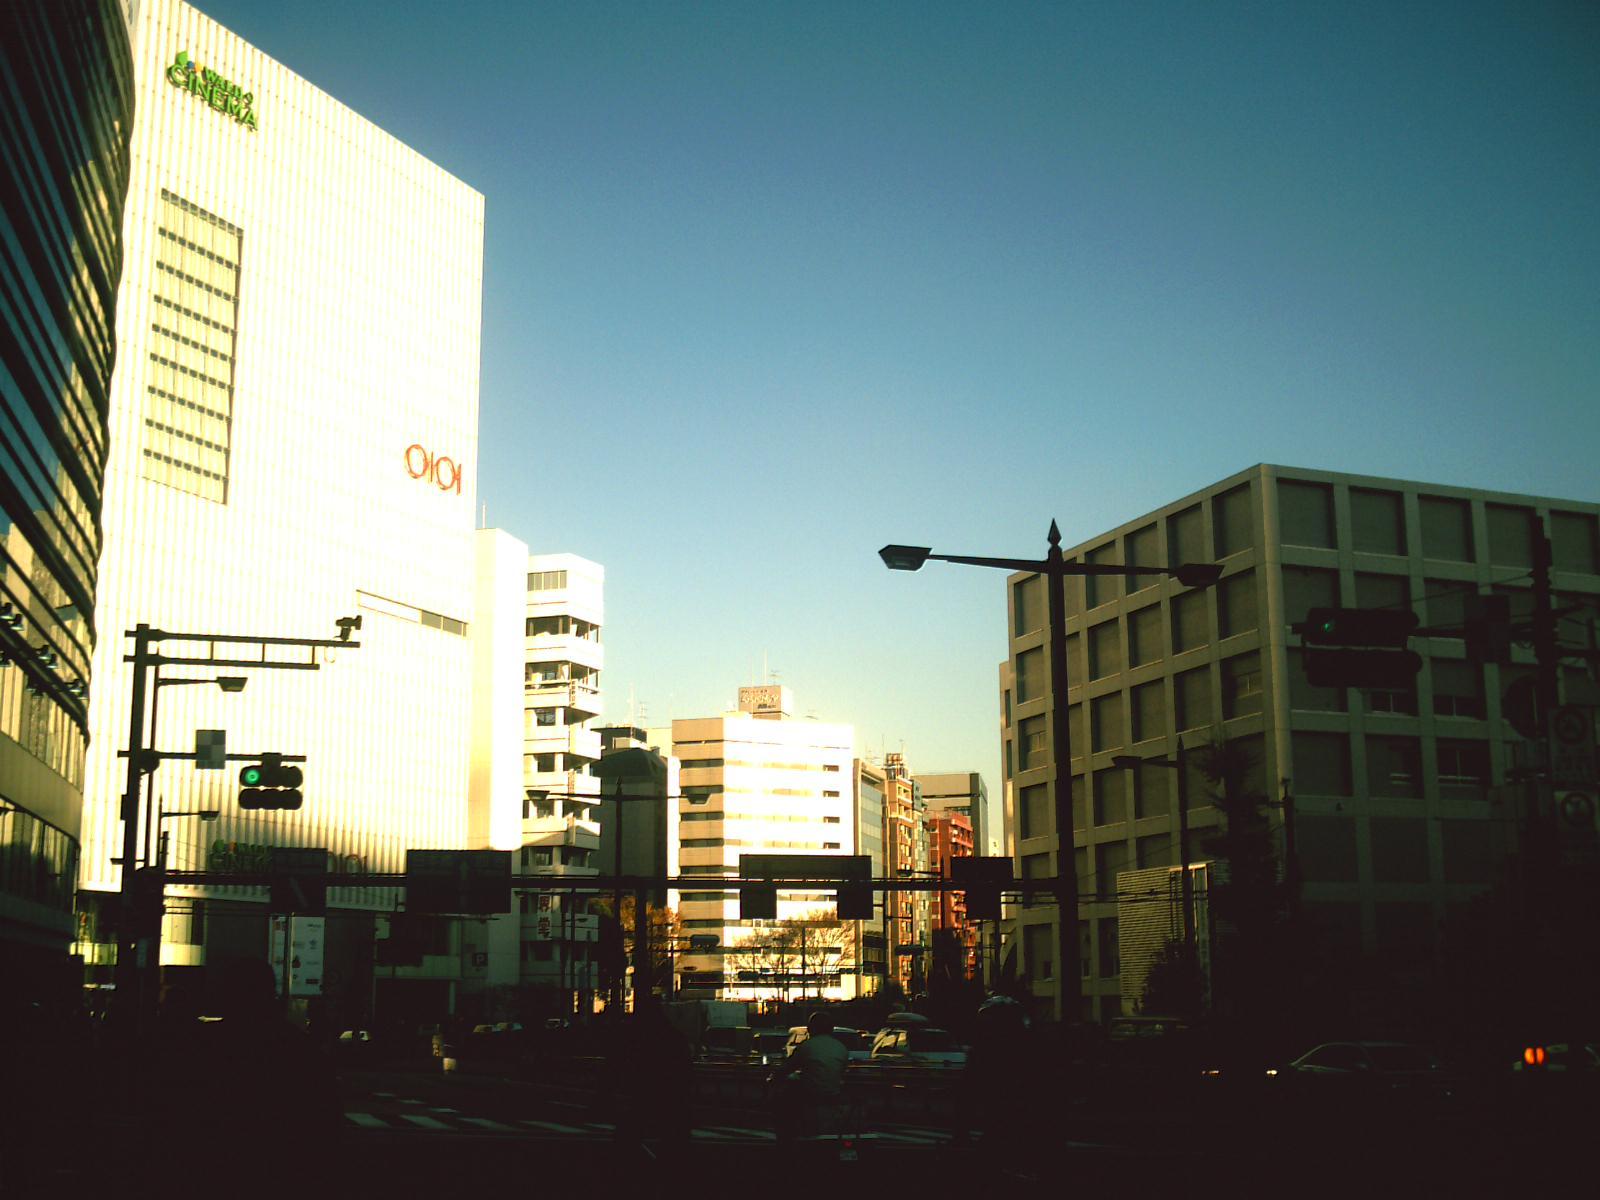 PICT4704.jpg